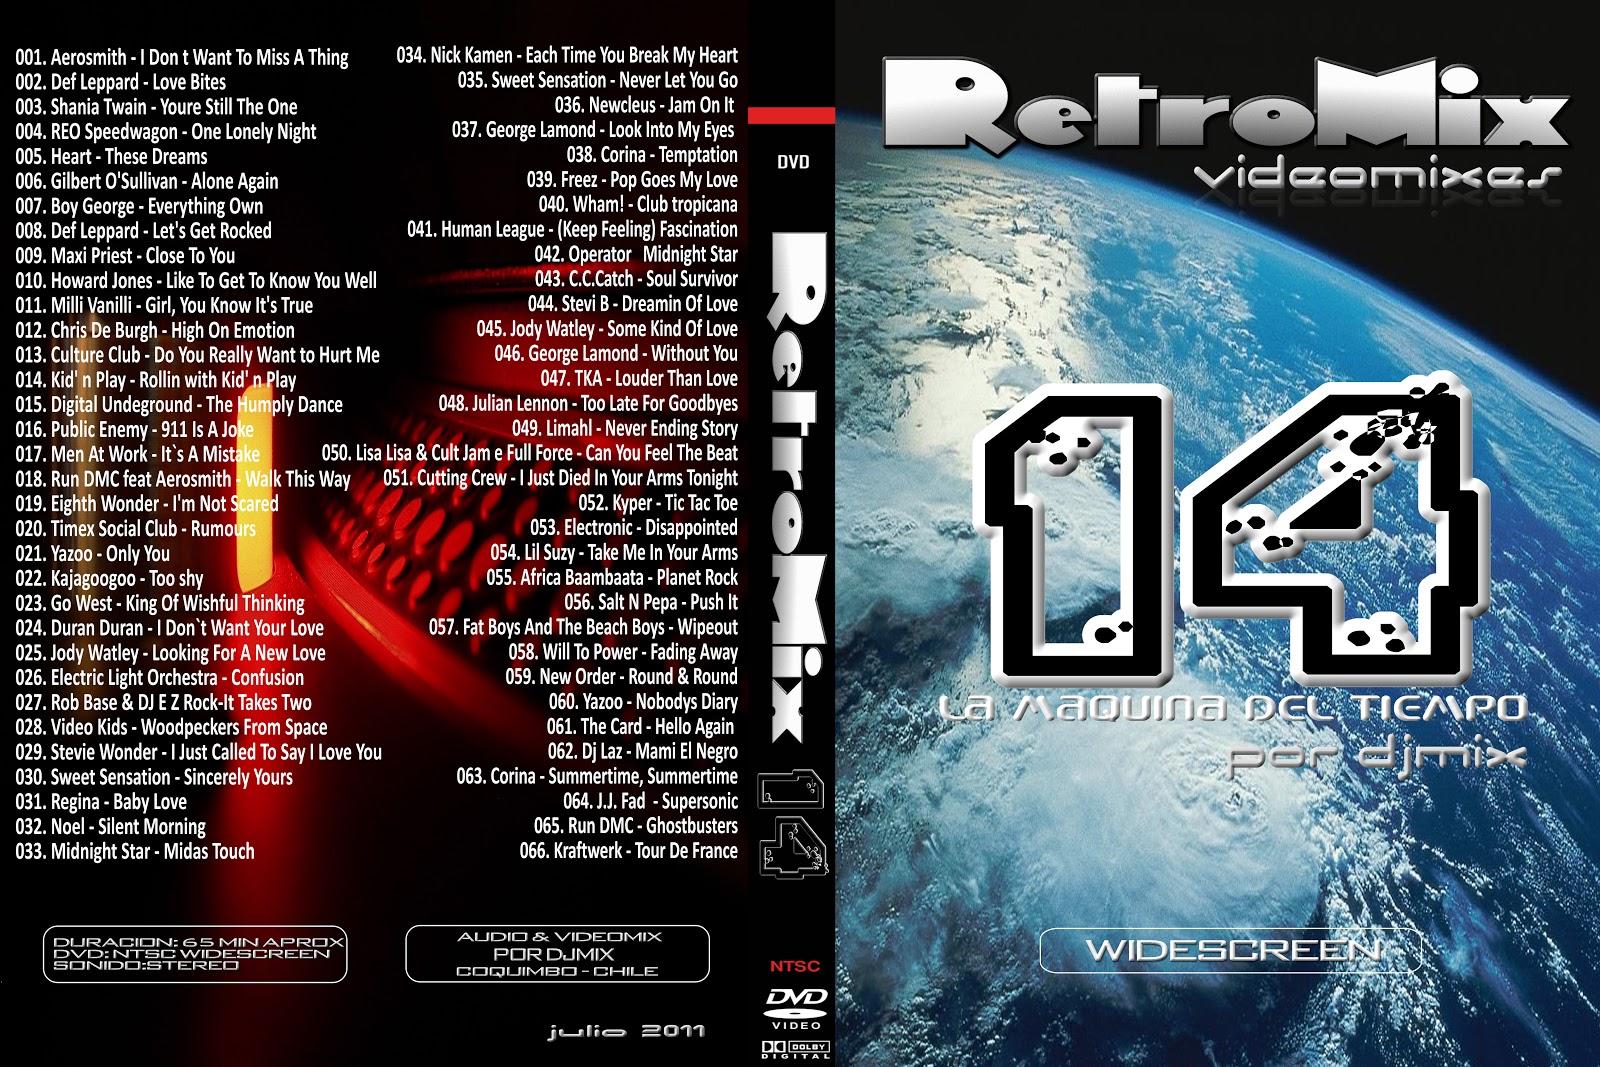 http://2.bp.blogspot.com/-CfN3F7RrE7A/TiTBXra7WqI/AAAAAAAAANA/JzMxzoxM5wA/s1600/Caratula+RetroMix+Vol+14.jpg